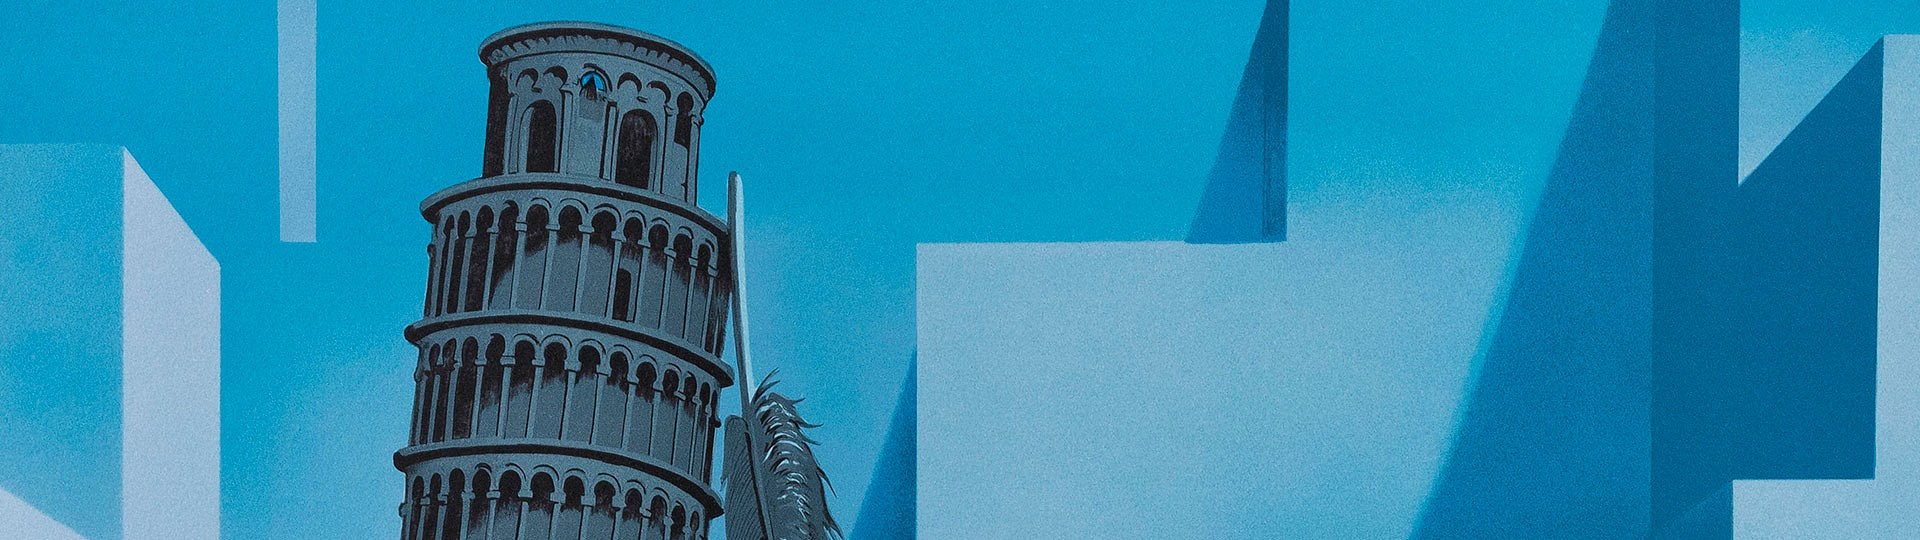 Subasta de Obra Gráfica y Fotografía | Prints and Photography Auction by Morton Subastas